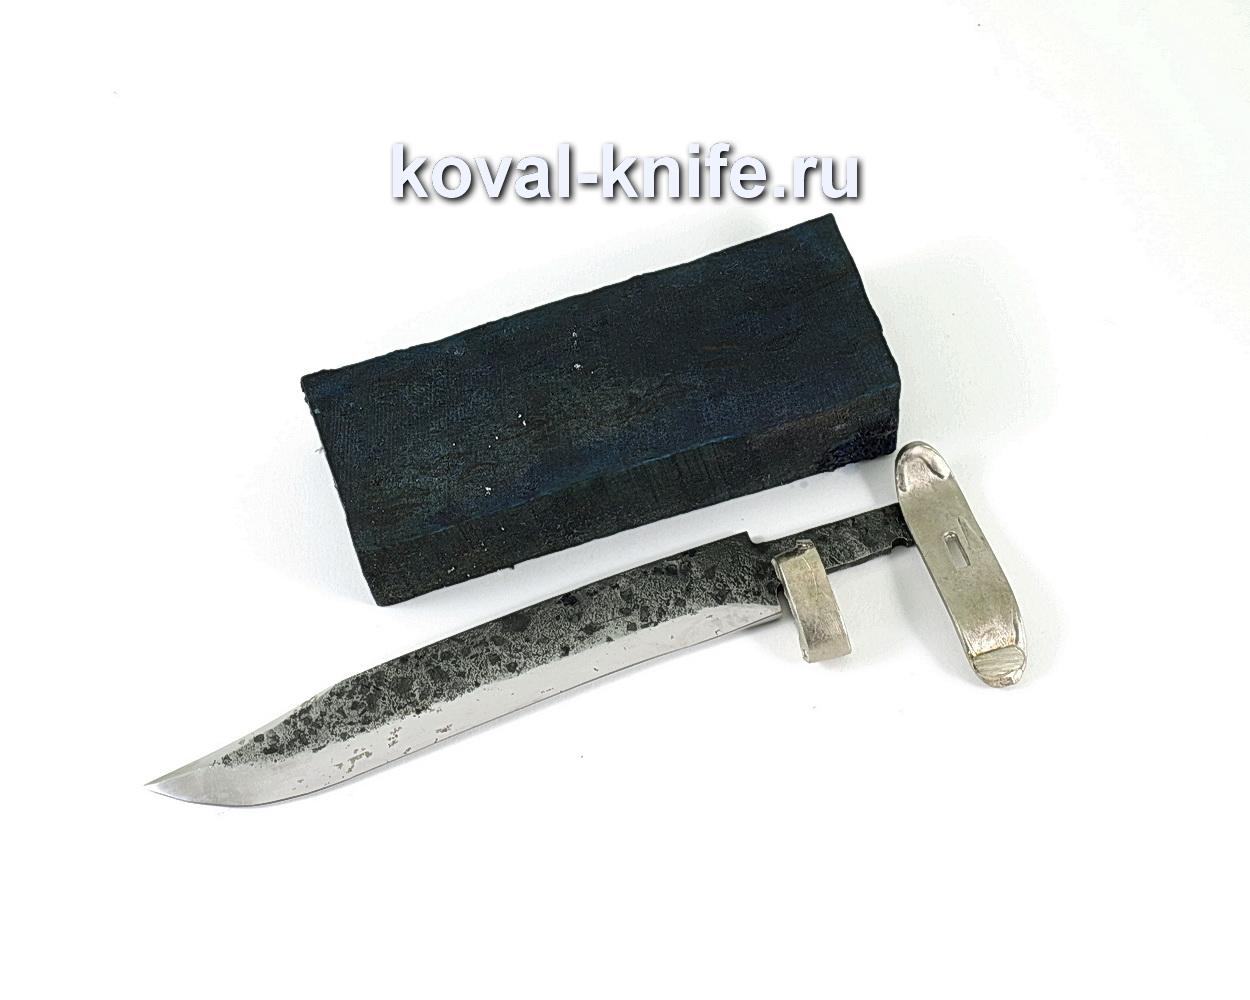 Комплект для ножа НР-40 7 (клинок кованая 9ХС 3,5мм, литье 2шт., граб брусок)